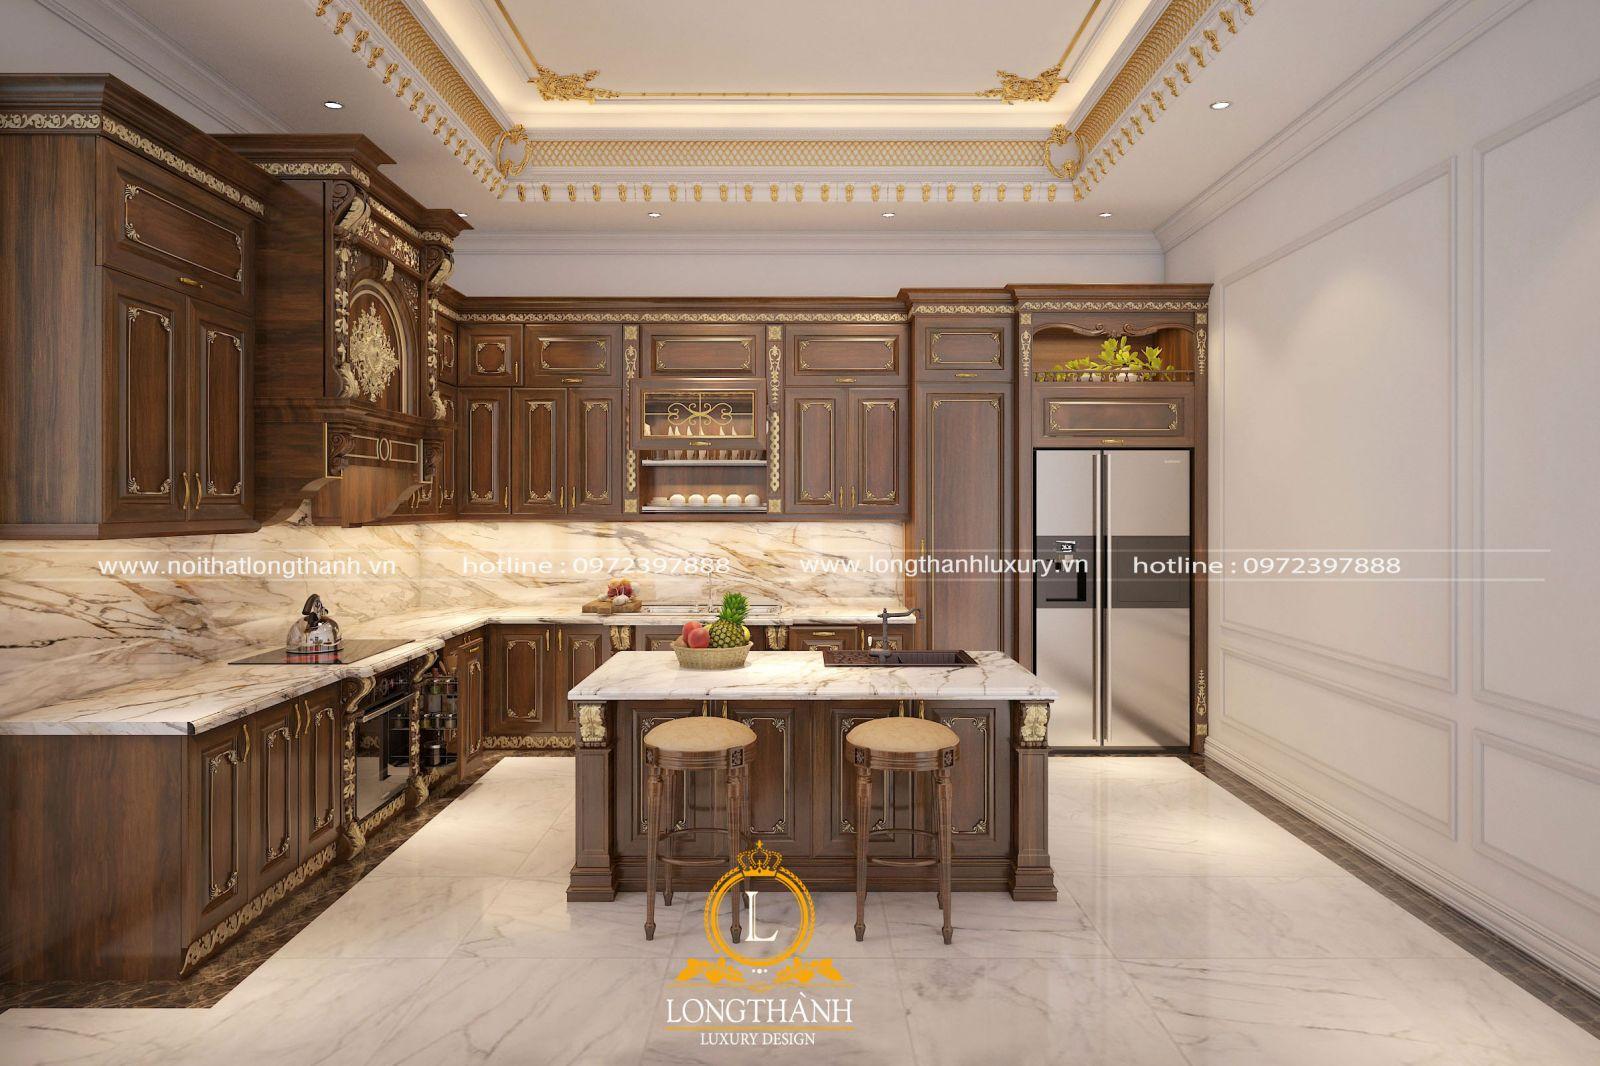 Tủ bếp tân cổ điển dát vàng tráng lệ